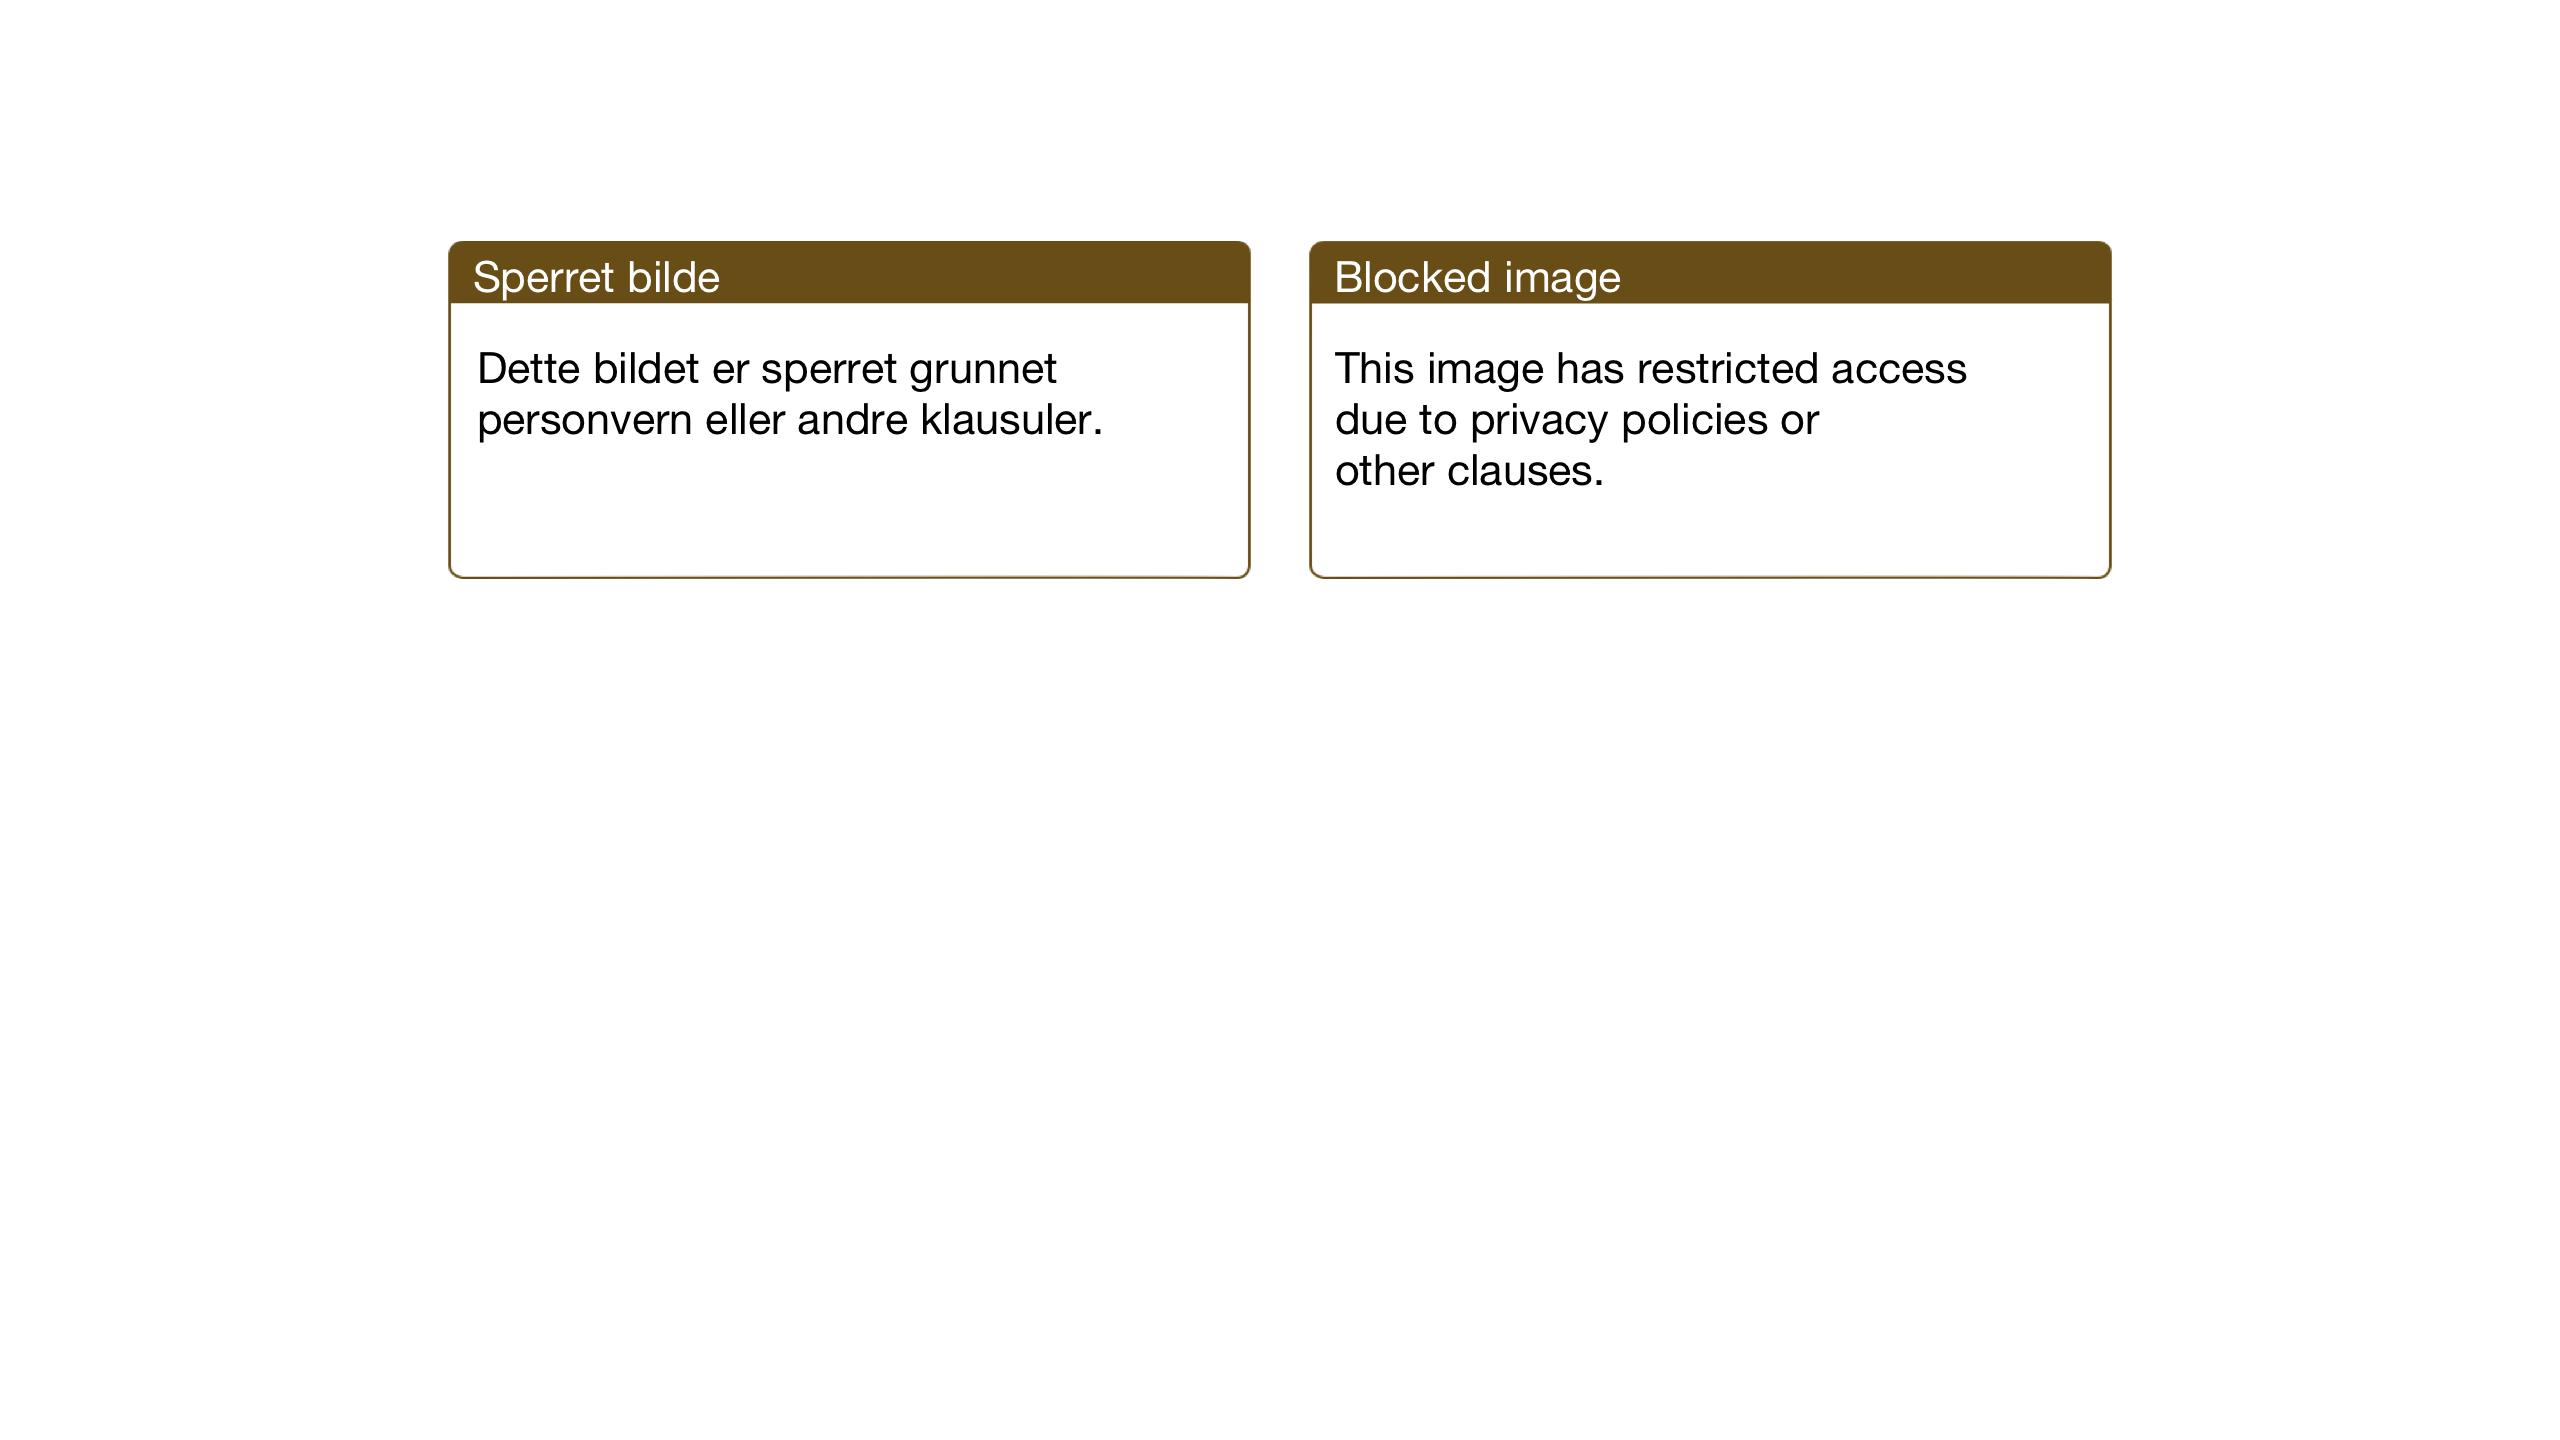 SAT, Ministerialprotokoller, klokkerbøker og fødselsregistre - Sør-Trøndelag, 669/L0833: Klokkerbok nr. 669C03, 1945-1950, s. 99